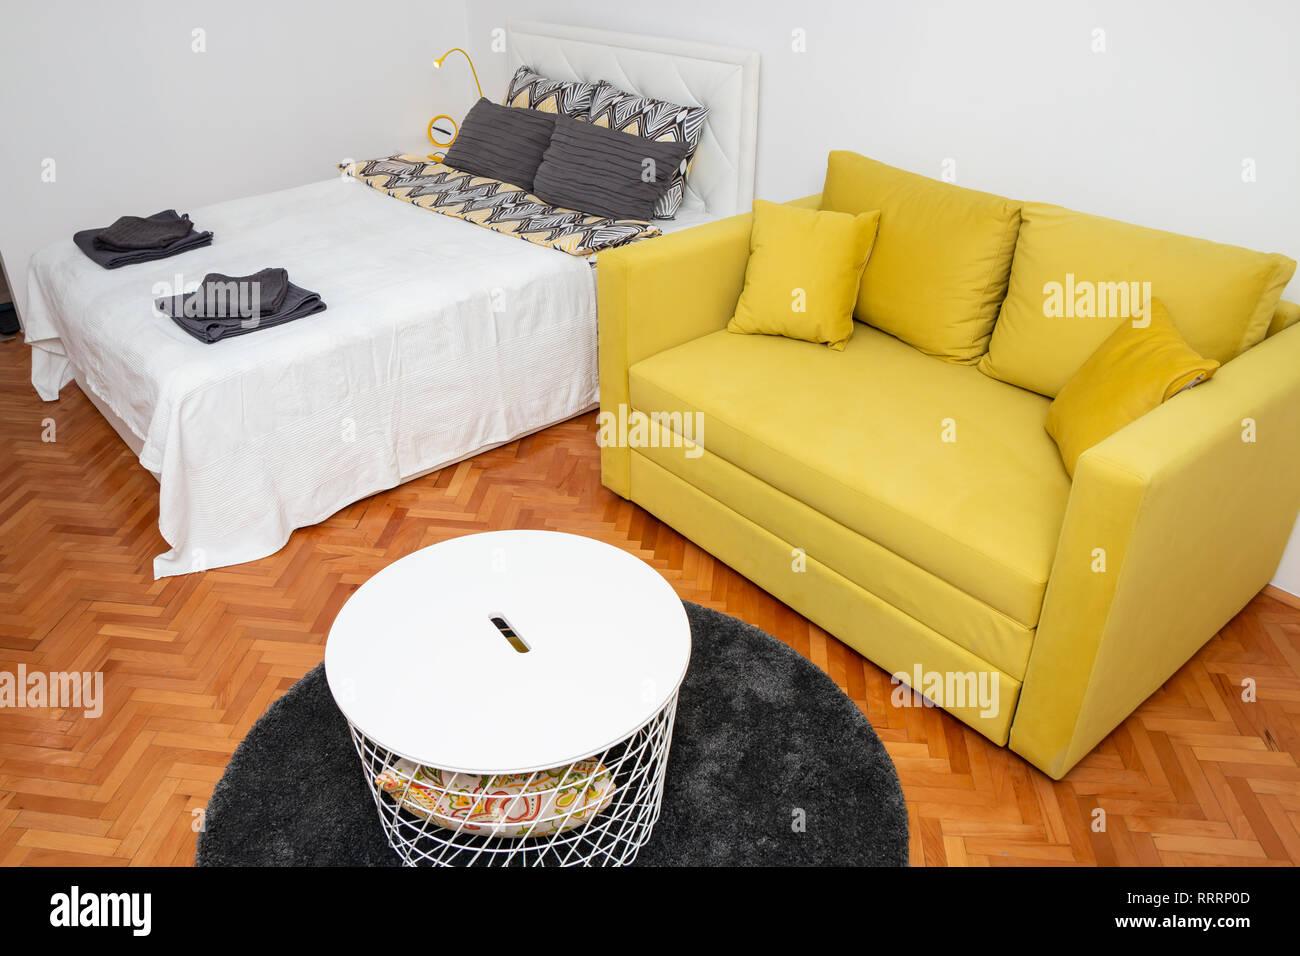 Divano Letto Camera Da Letto.Hotel Moderno Interiore Camera Da Letto Con Due Giallo Sedile